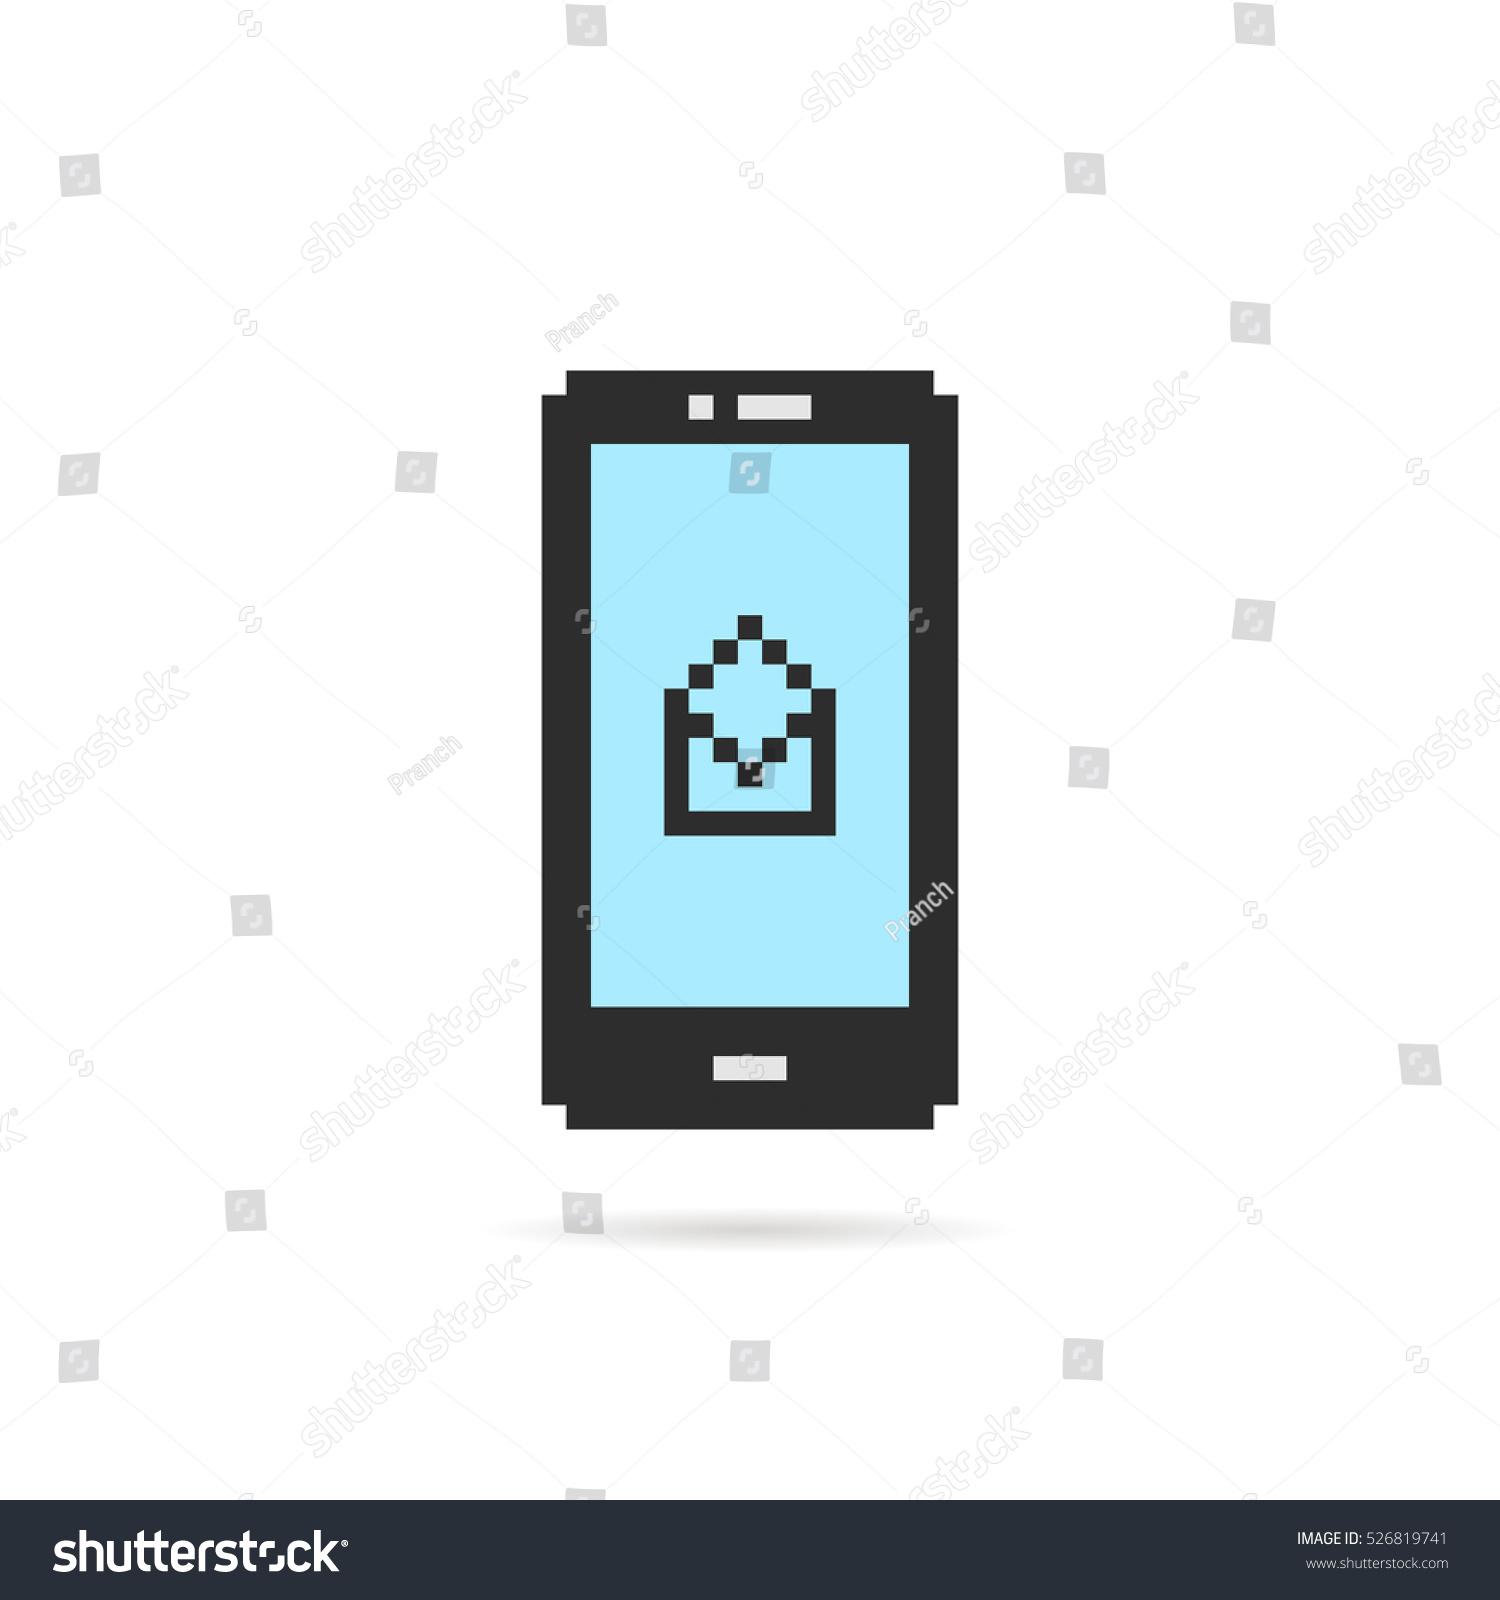 Pixel Art Phone Open Letter Concept Stock Vector 526819741